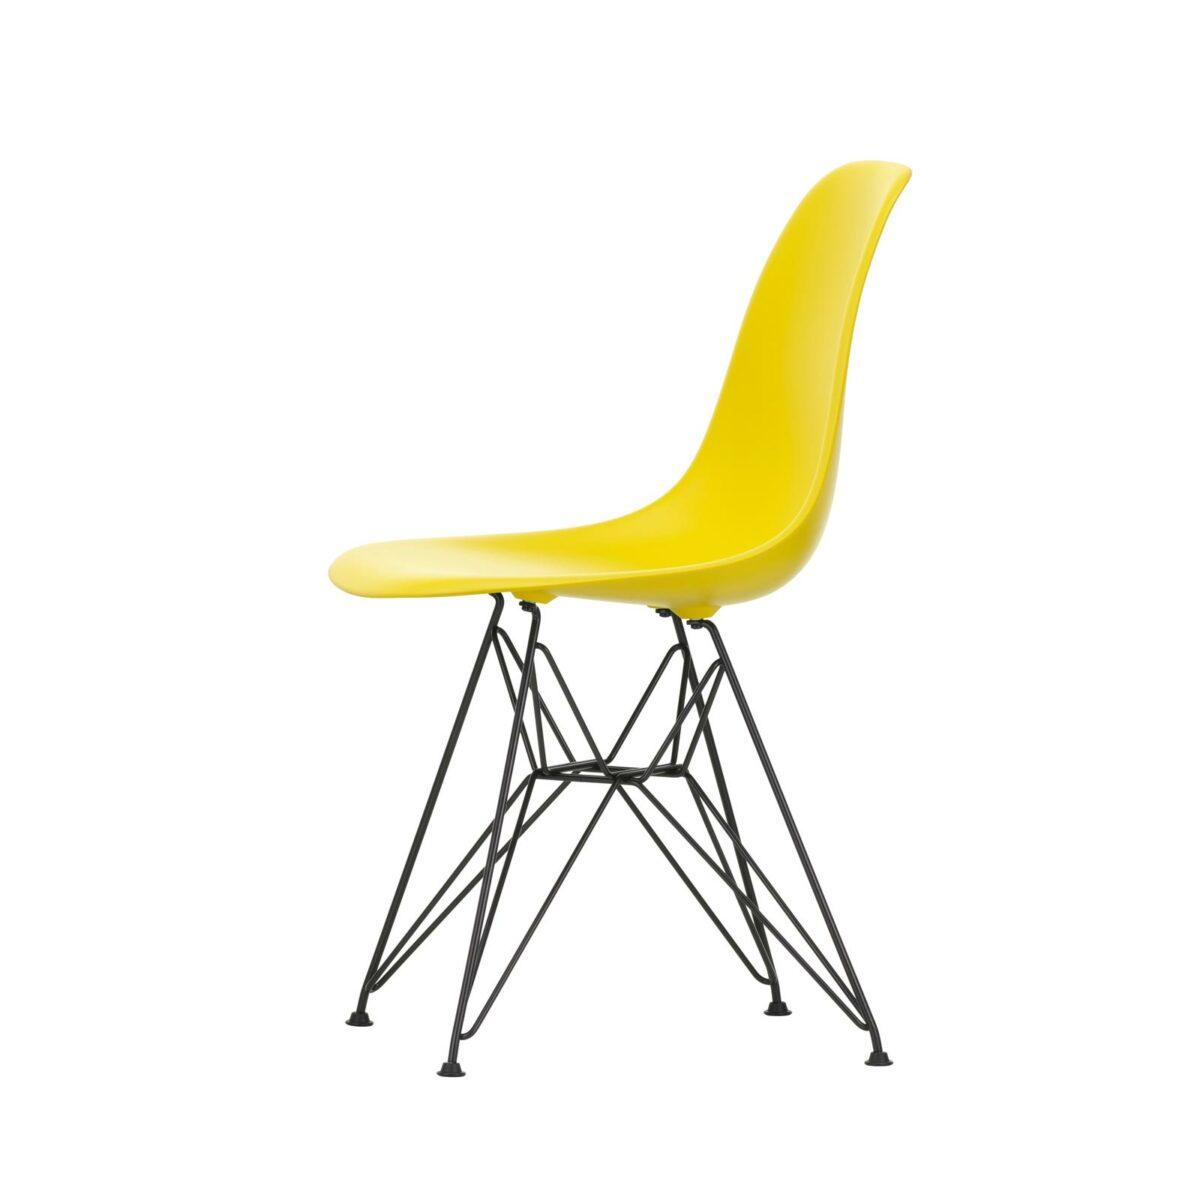 2779111 Eames Plastic Side Chair DSR 26 sunlight 30 basic dark powder coated left master